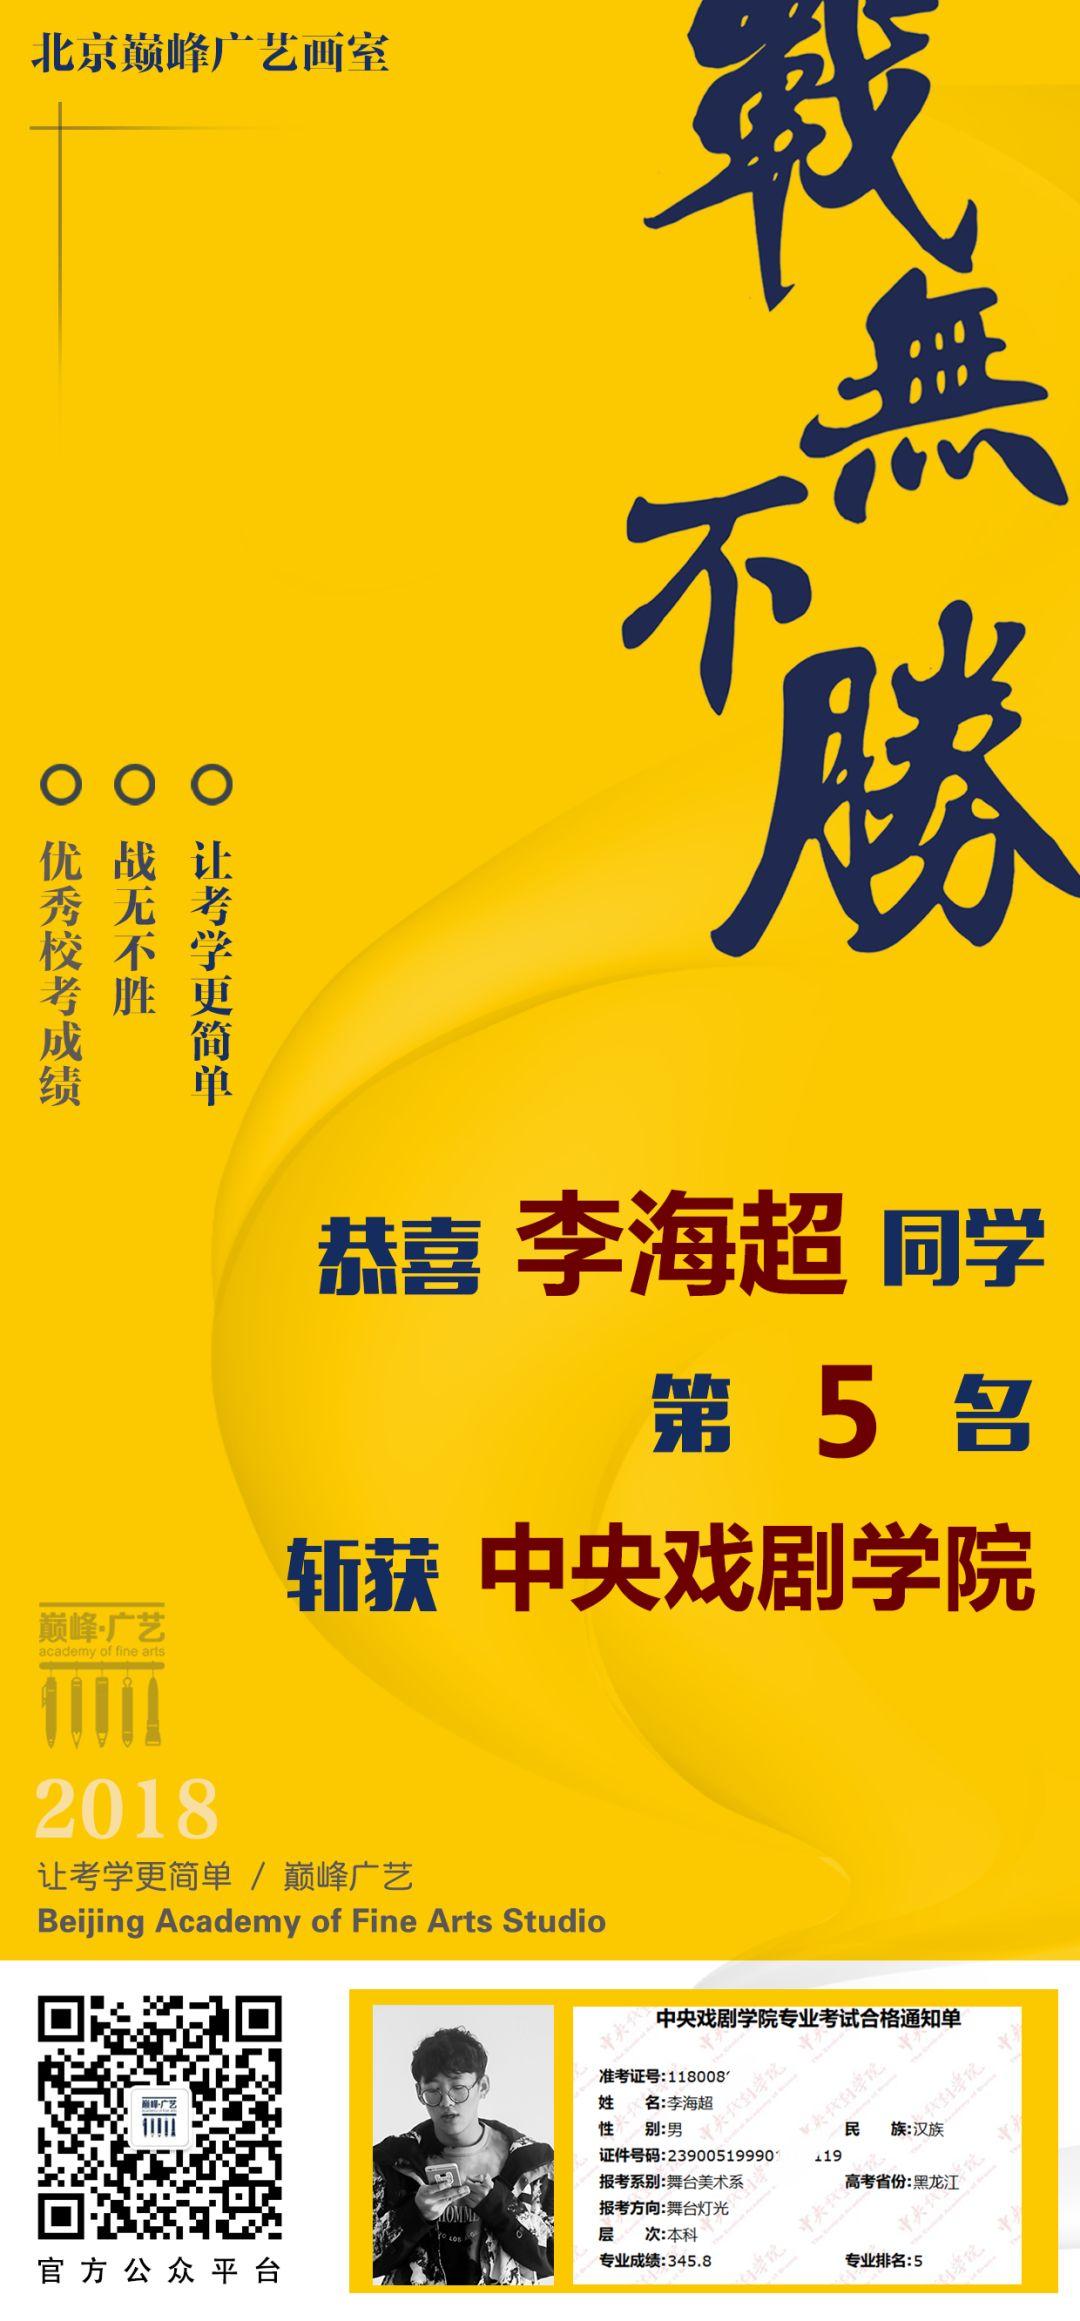 中国传媒大学,北京电影学院,中央戏剧学院,北京巅峰广艺画室       55